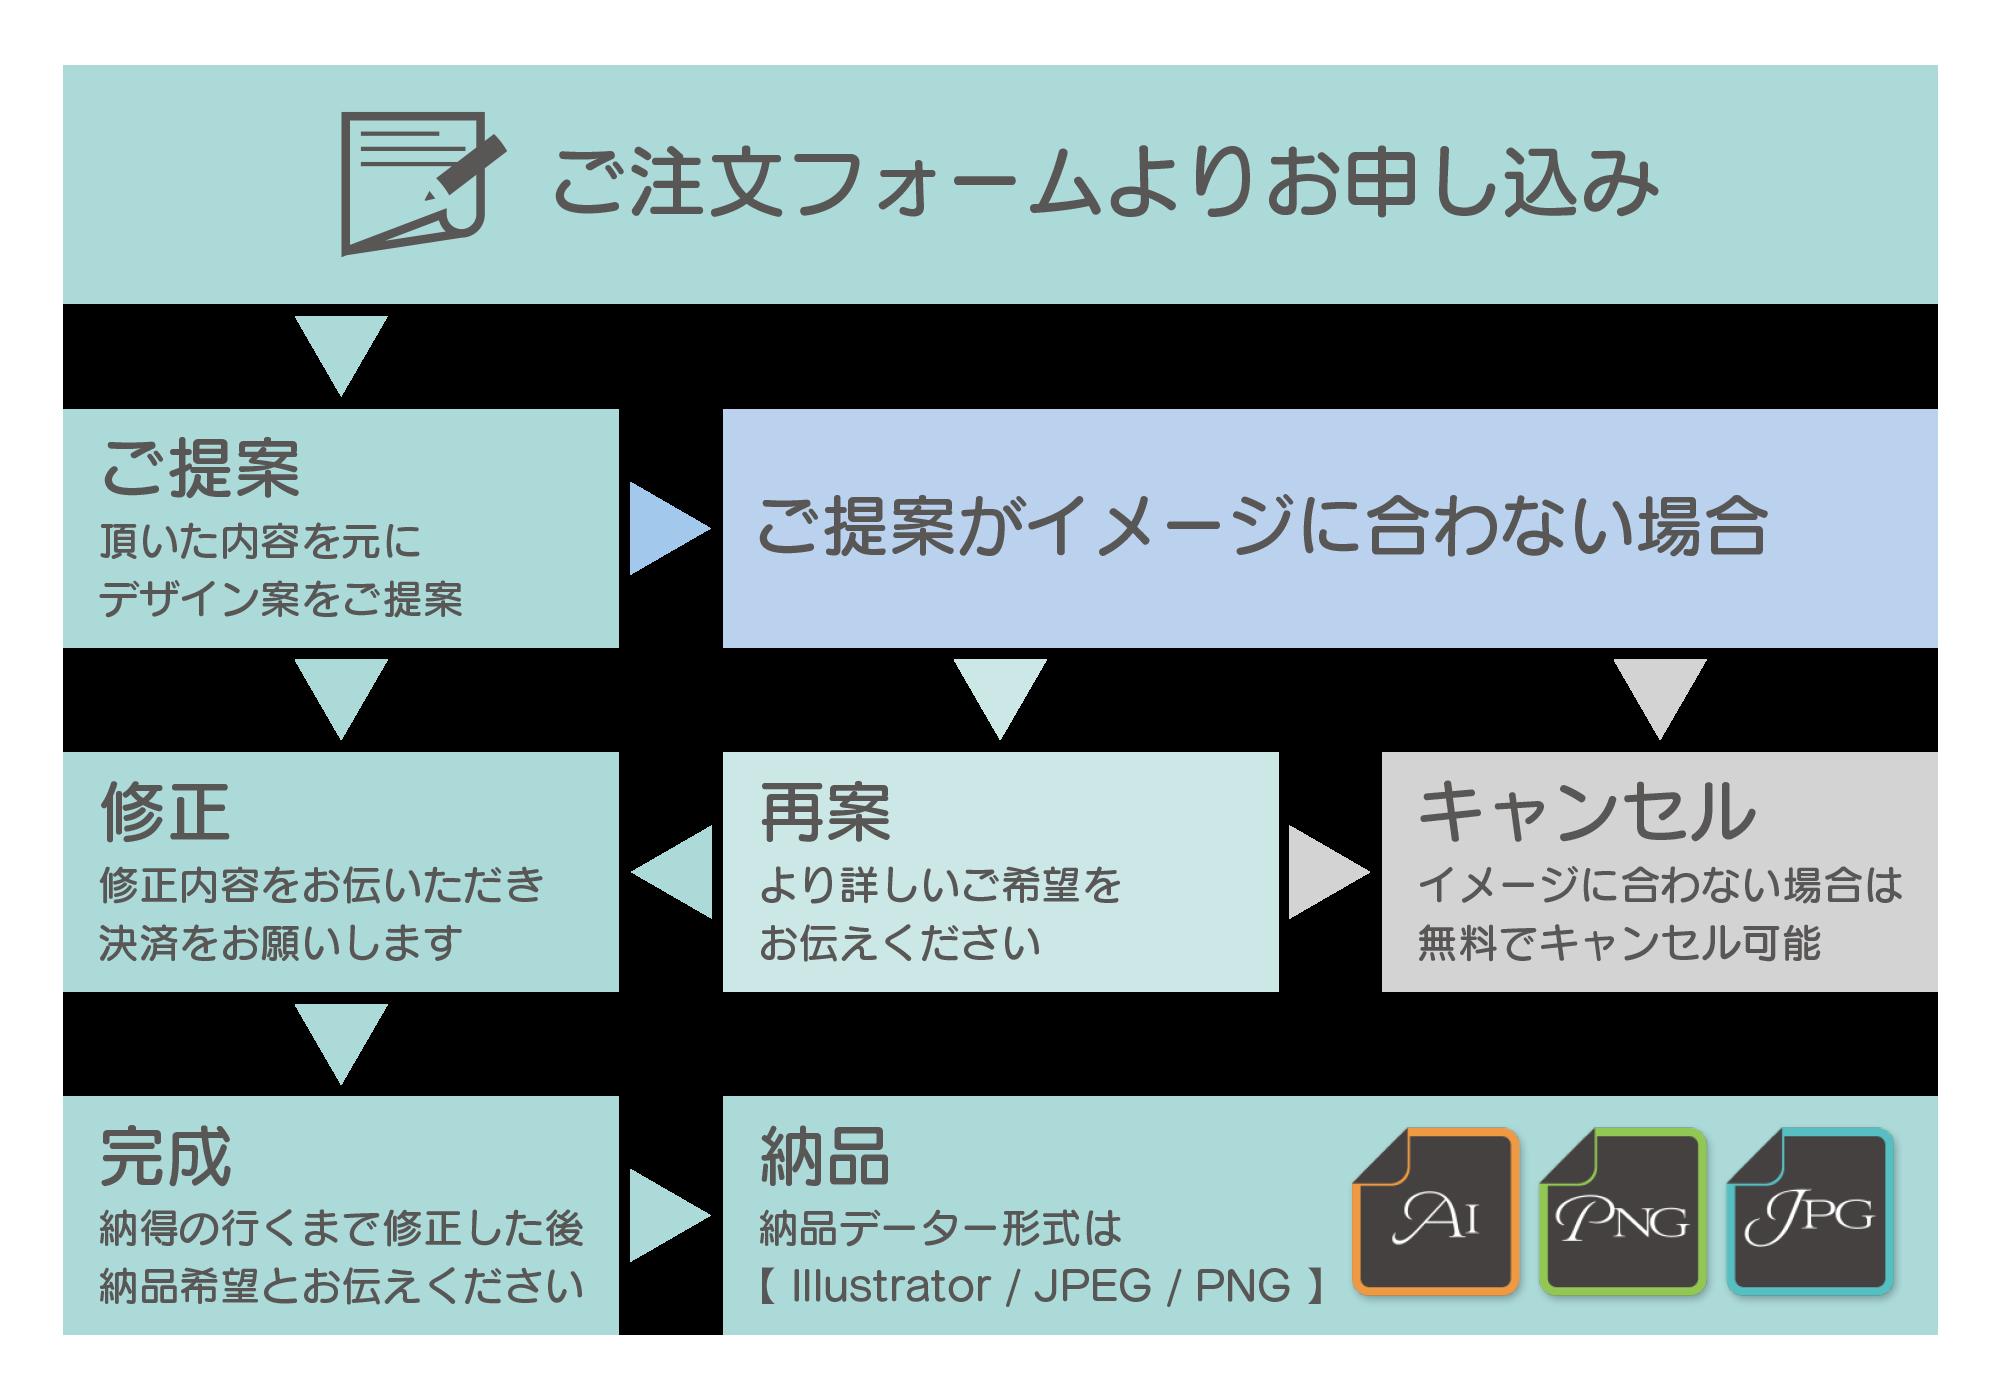 ロゴ作成プラン/ご注文から納品までの流れ